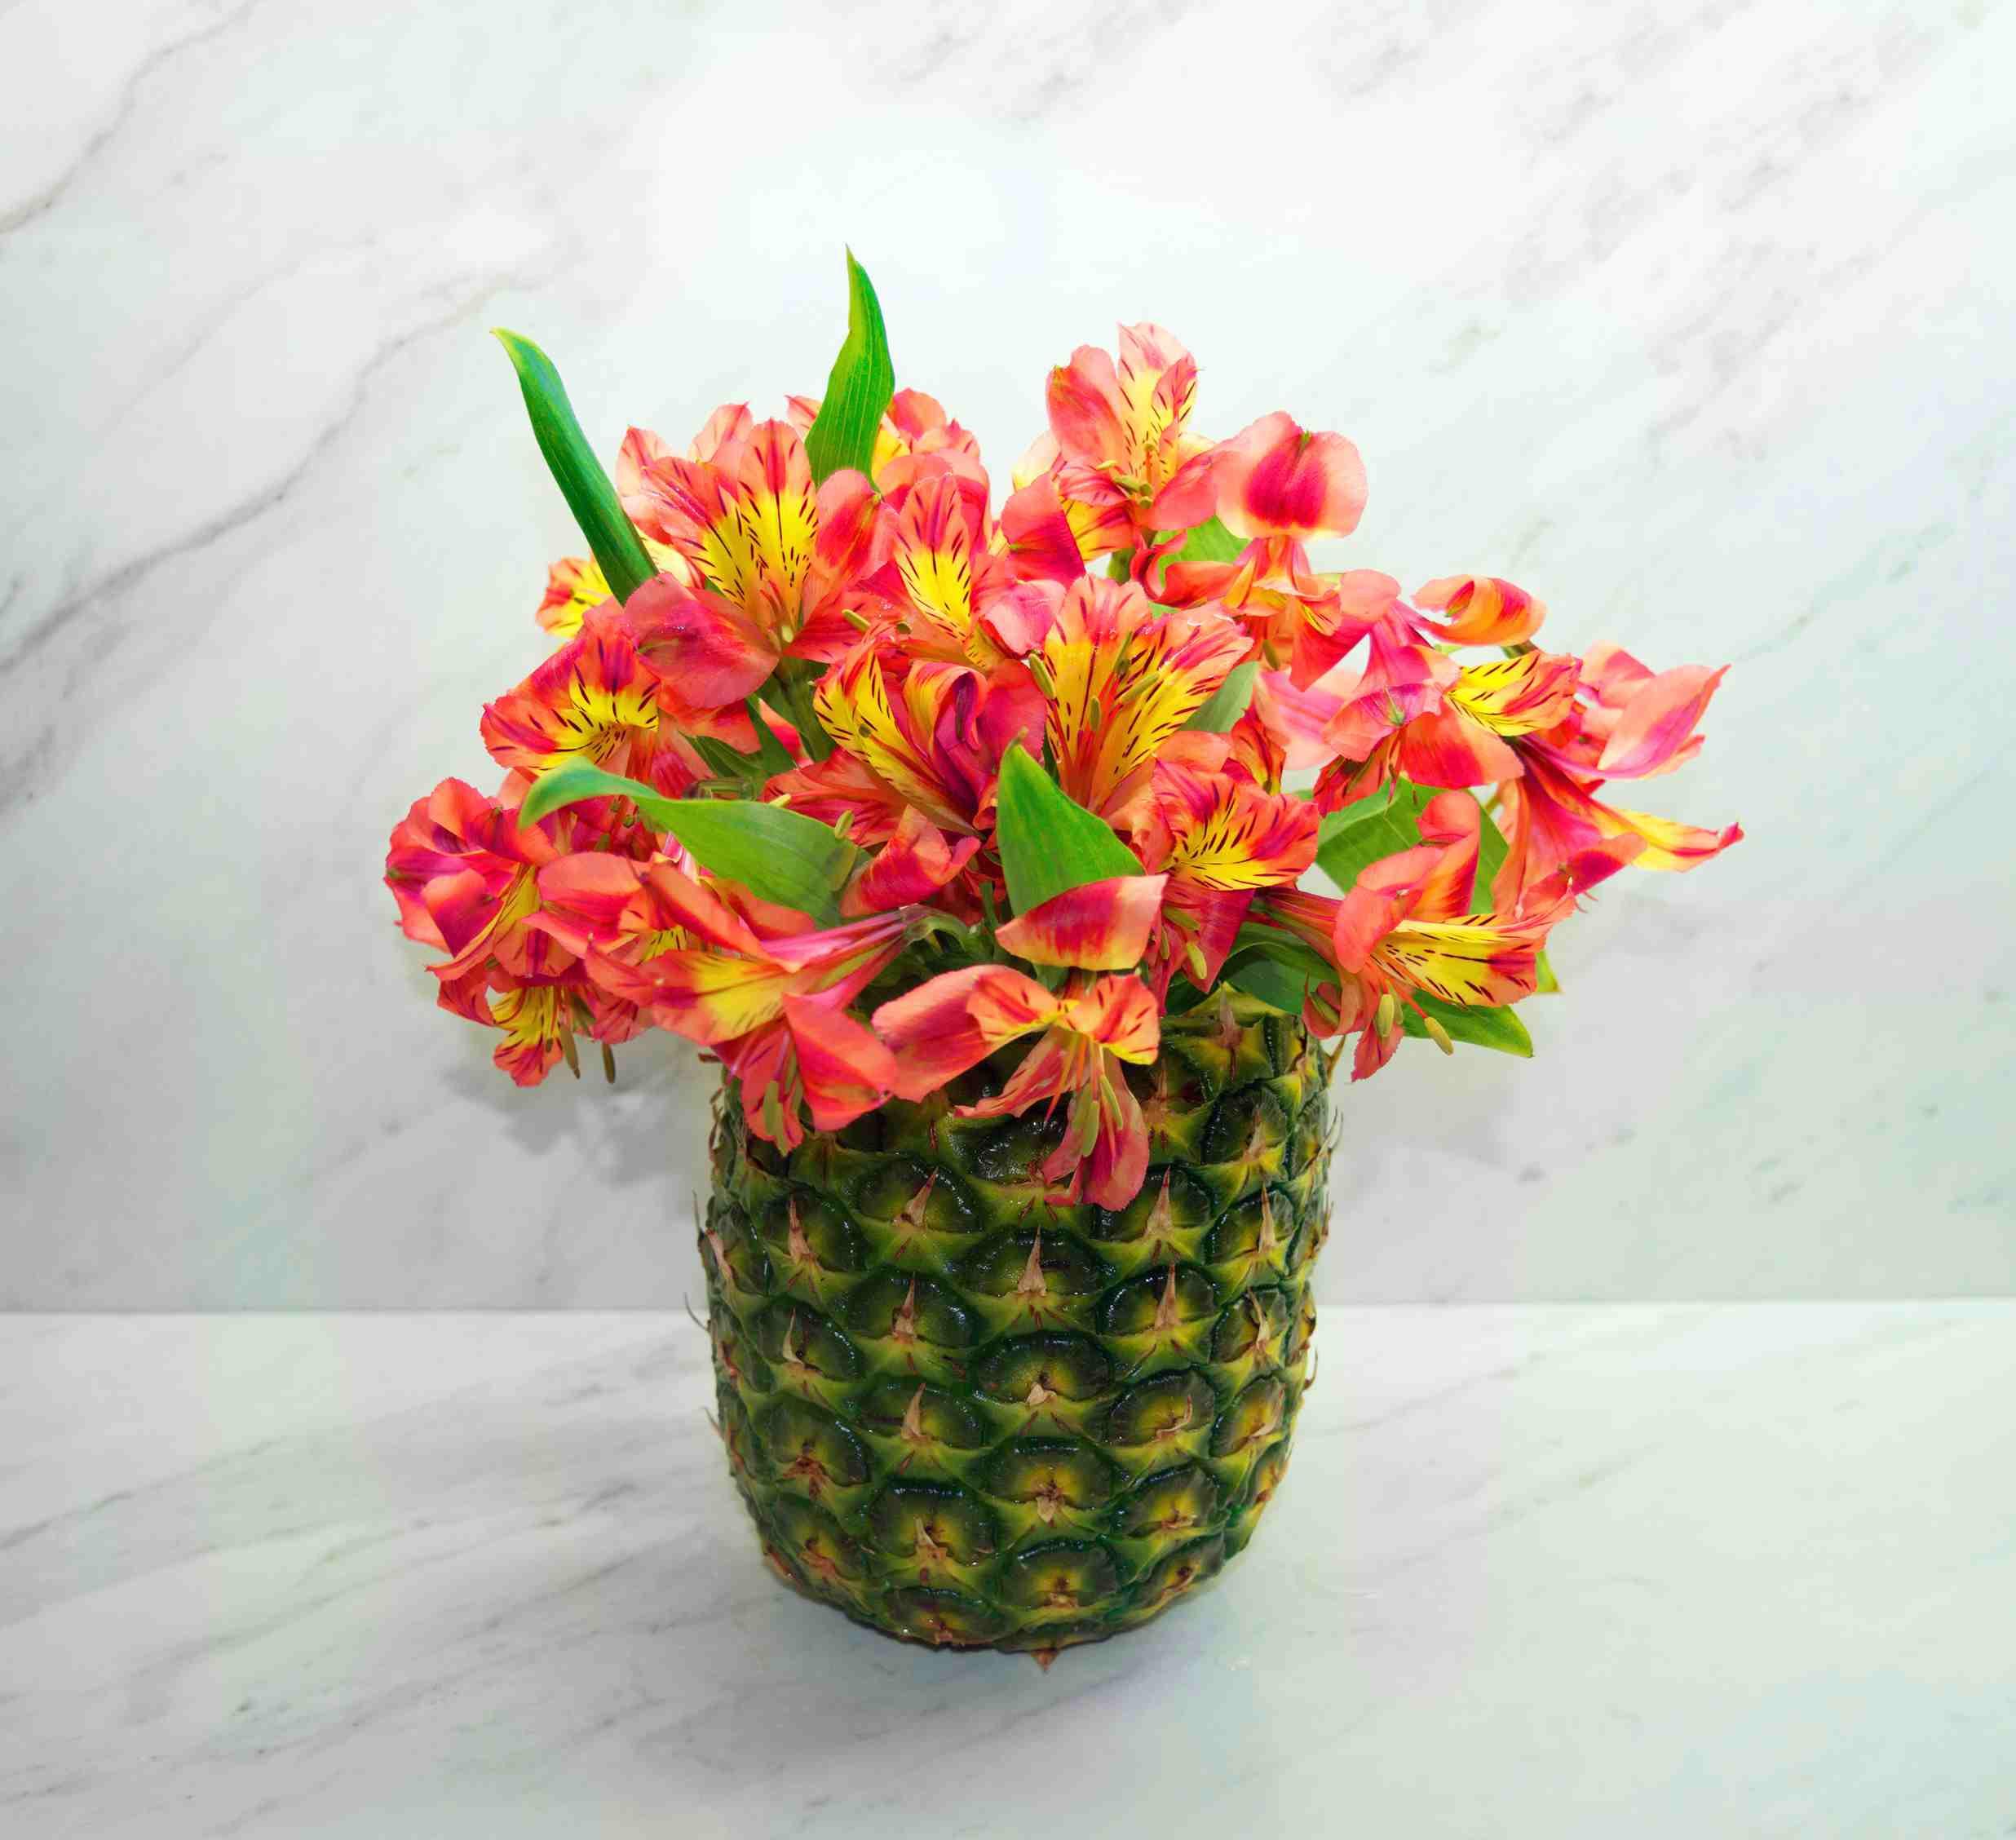 floral arrangements with fruit in vase of diy pineapple vase floral arrangement within diy pineapple vase 56a262c53df78cf77274f3c3